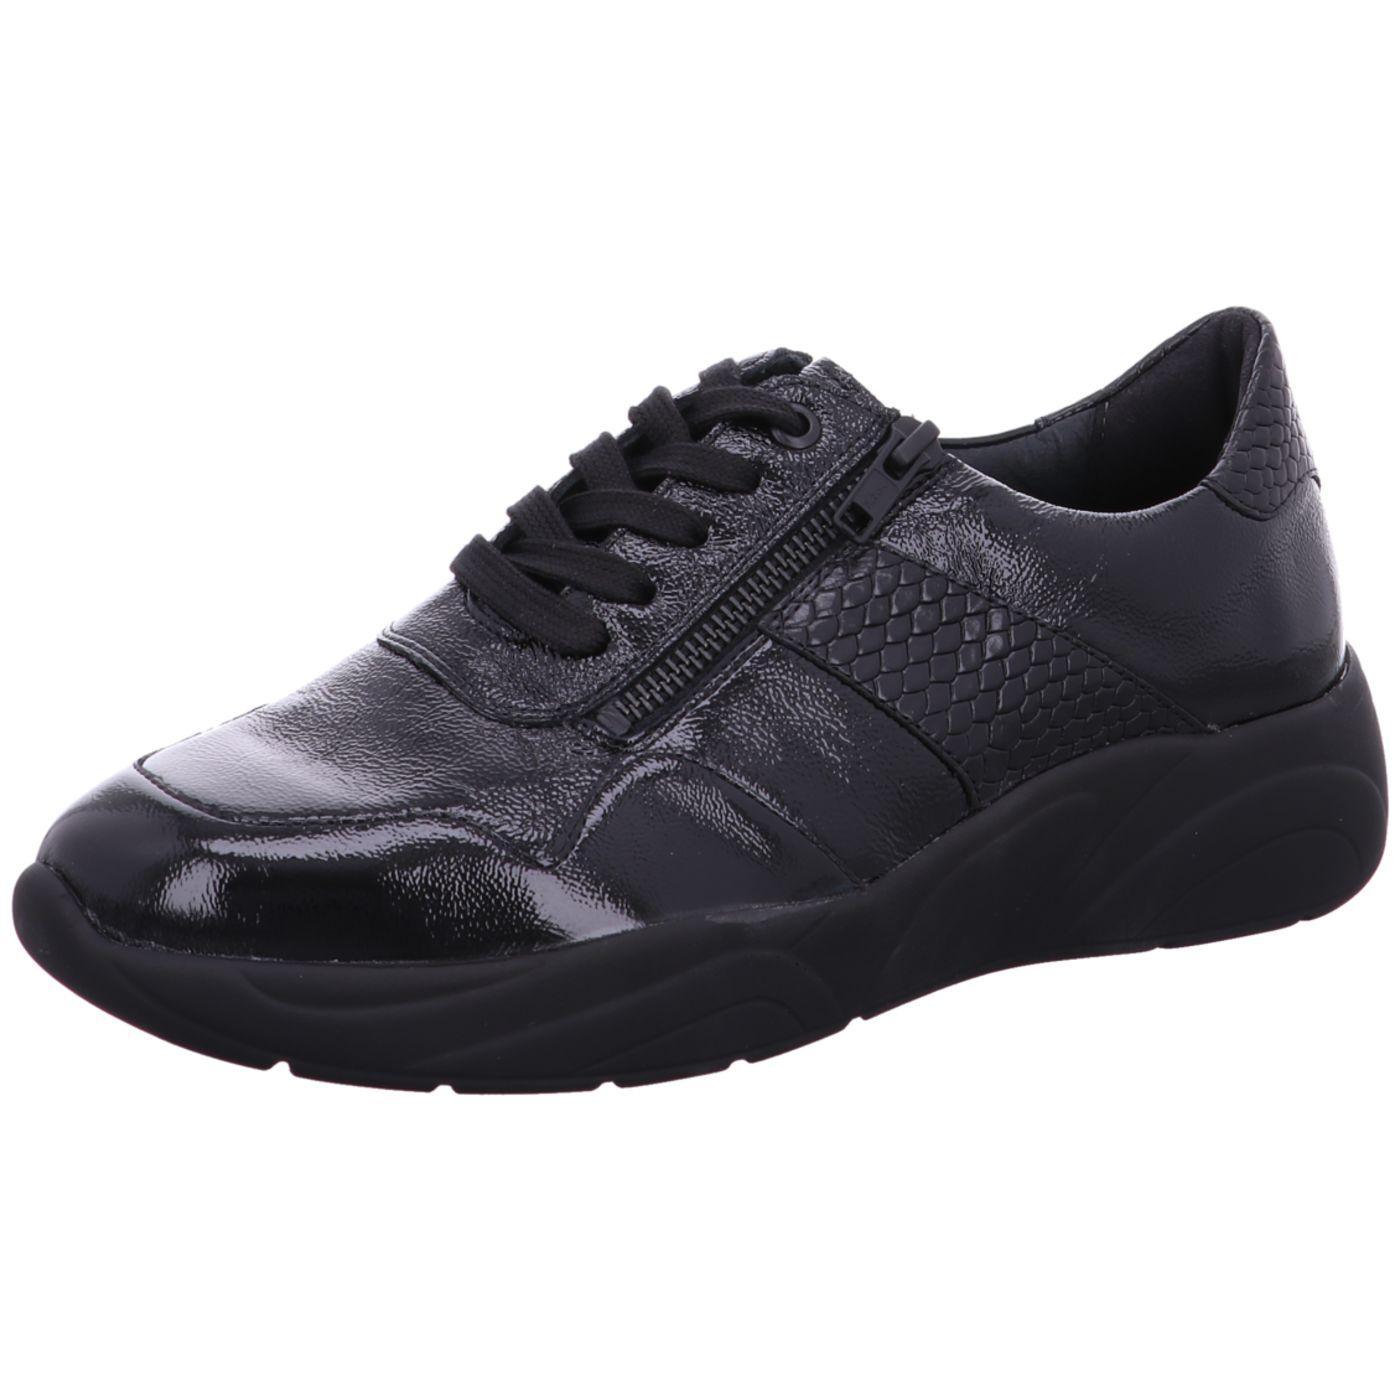 Damenschuhe Weite K » Schuhe für breite Füße | schuhglück